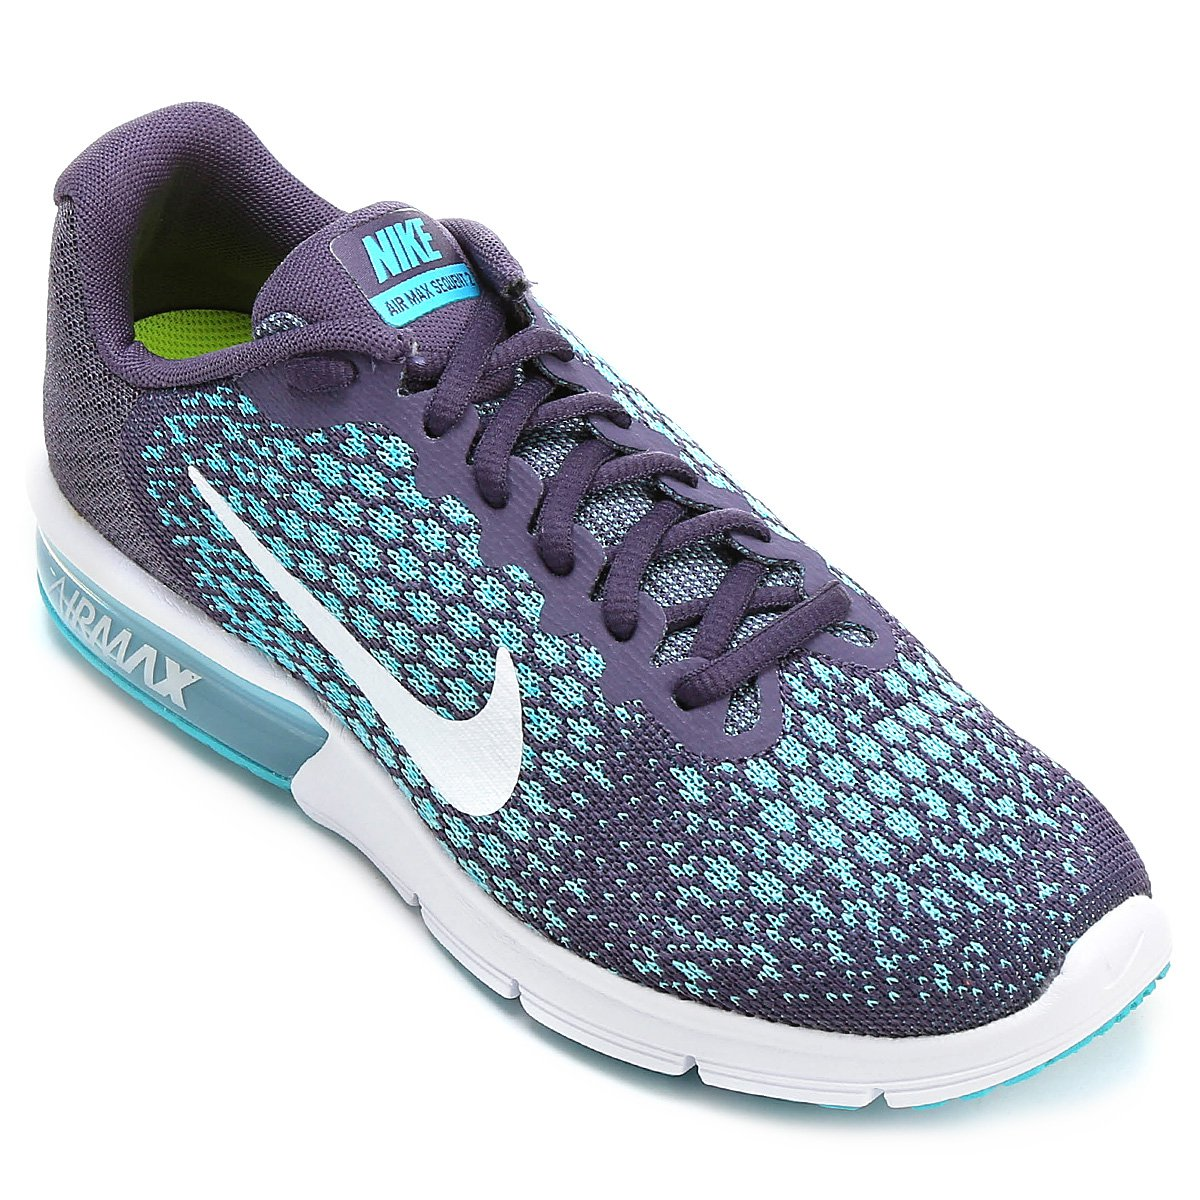 887675cec5753 Tênis Nike Air Max Sequent 2 Feminino - Roxo e Azul - Compre Agora ...